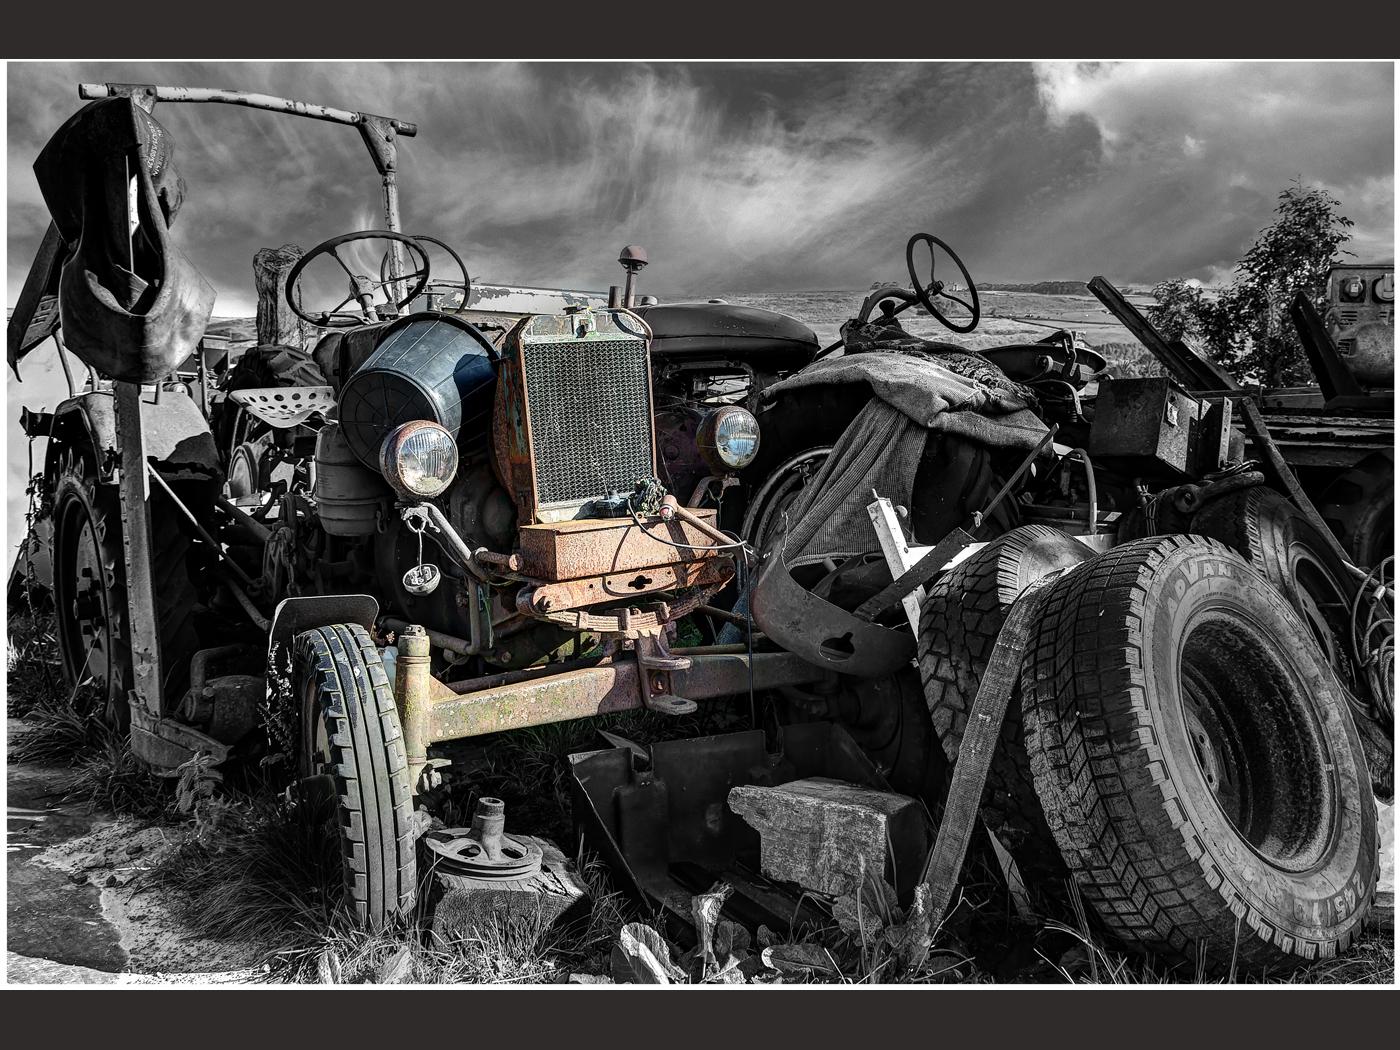 Tractor Junk Yard